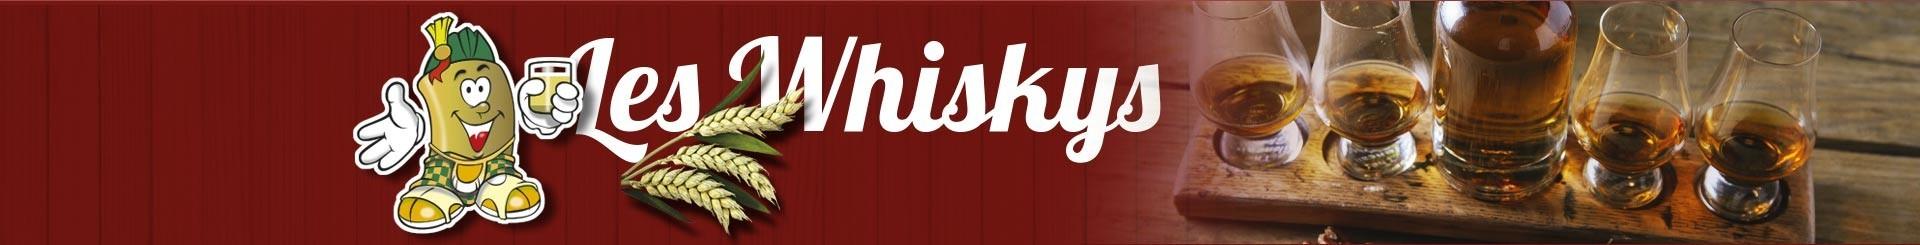 Label'Cave - vente de Whisky, notre sélection des meilleurs whisky